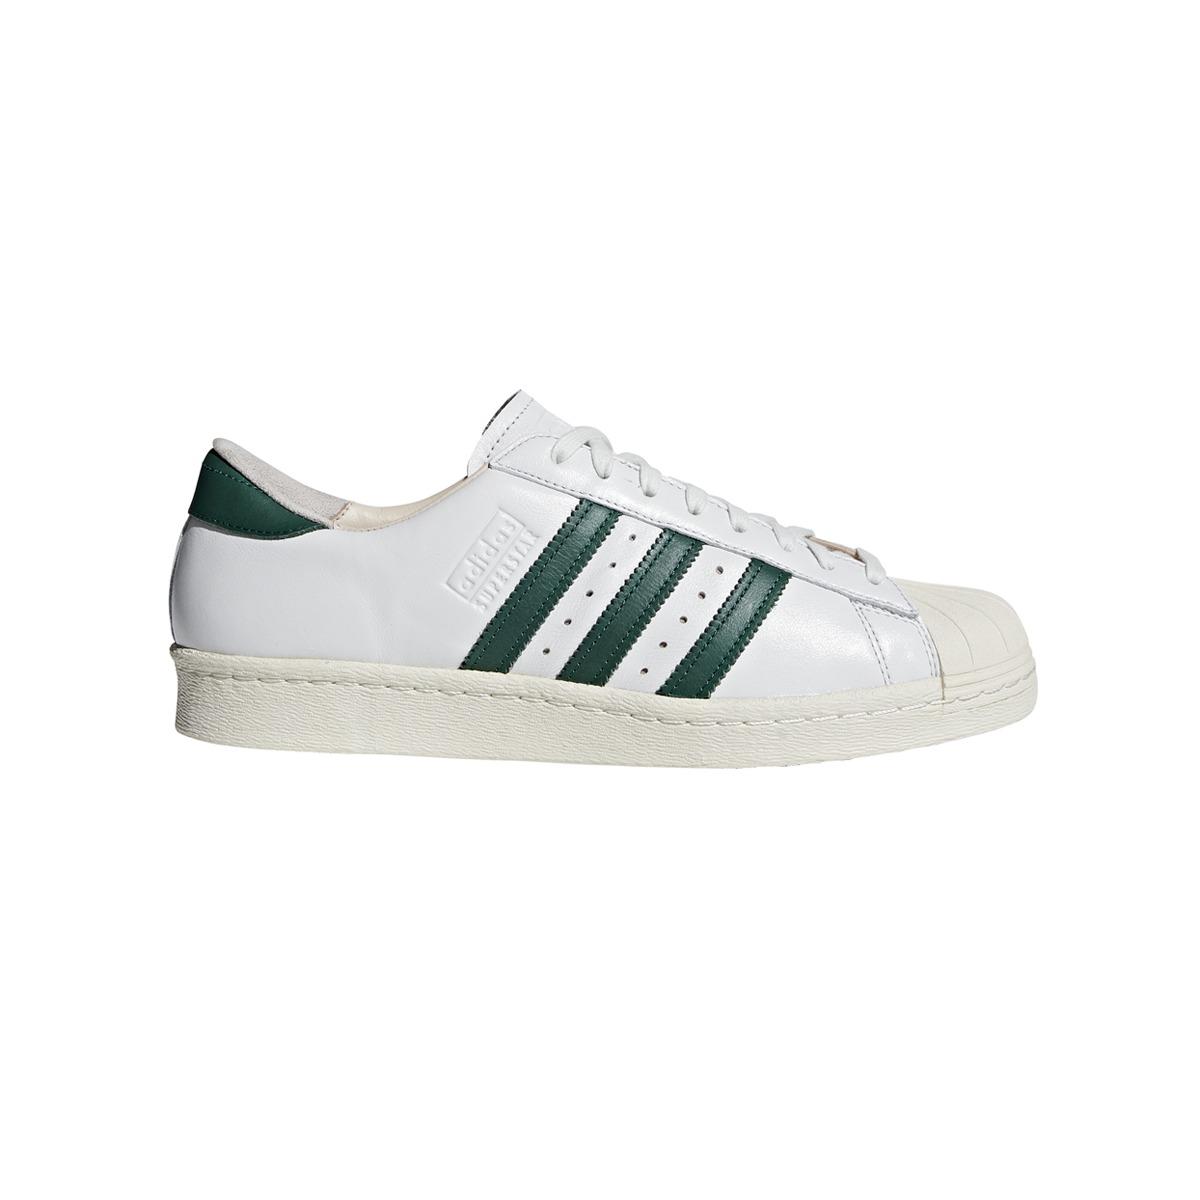 separation shoes 4bb43 de917 zapatillas adidas originals superstar 80s recon hombre bl vd. Cargando zoom.